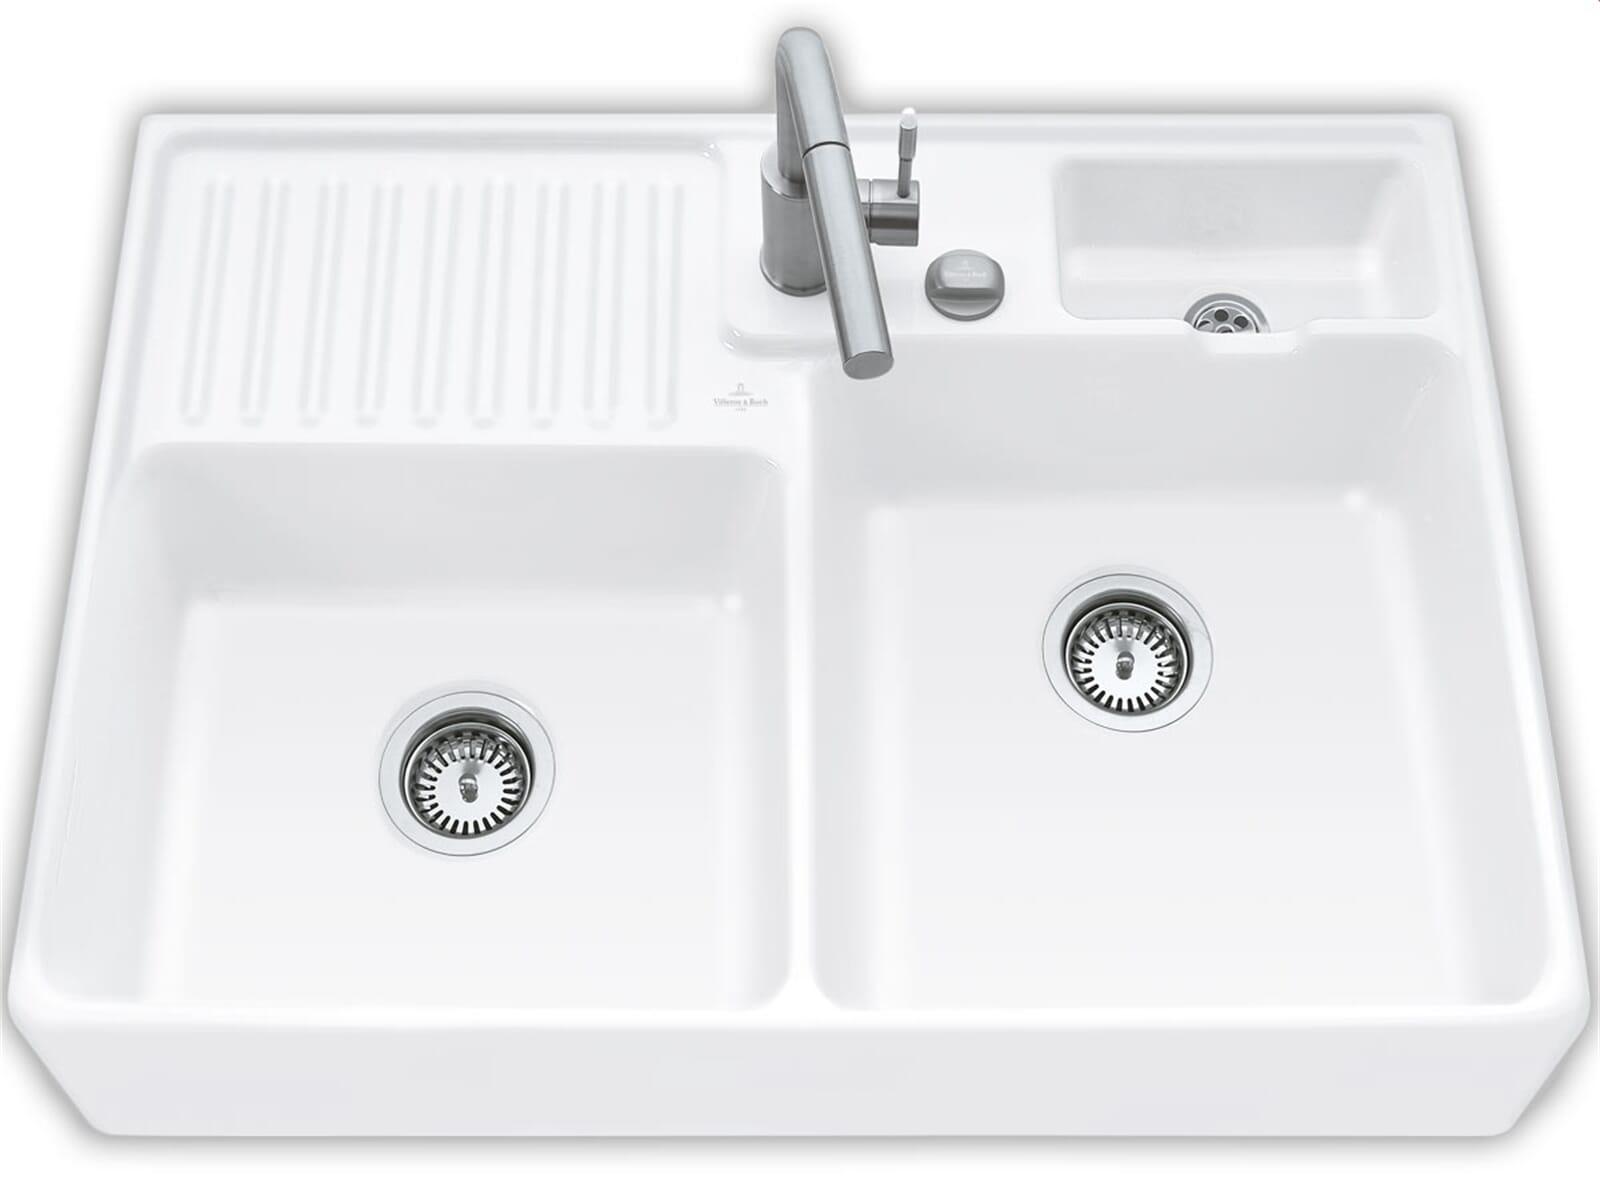 Villeroy & Boch Spülstein Doppelbecken Snow White - 6323 92 KG Keramikspüle Excenter inkl. Hahnlöcher 1+2